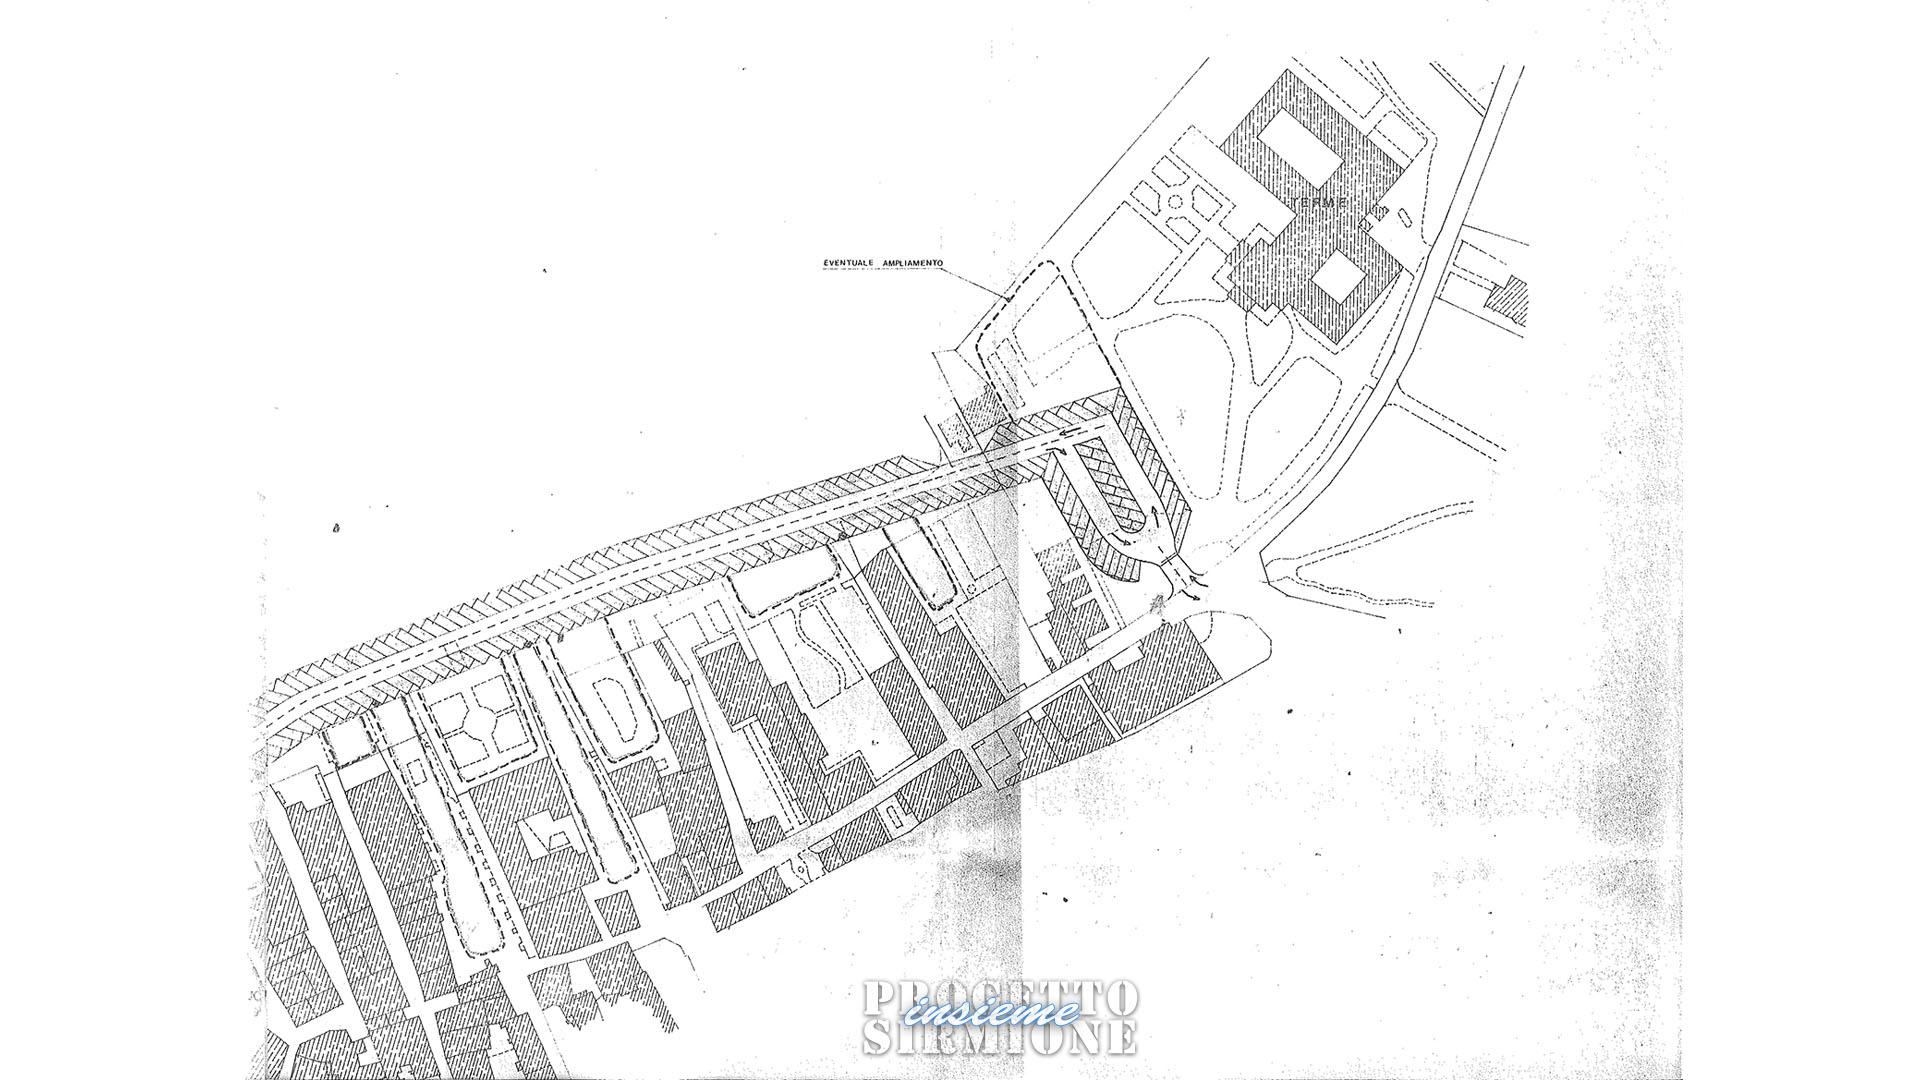 Progetto Sirmione Insieme_Tunnel Sirmione progetto_allegato1